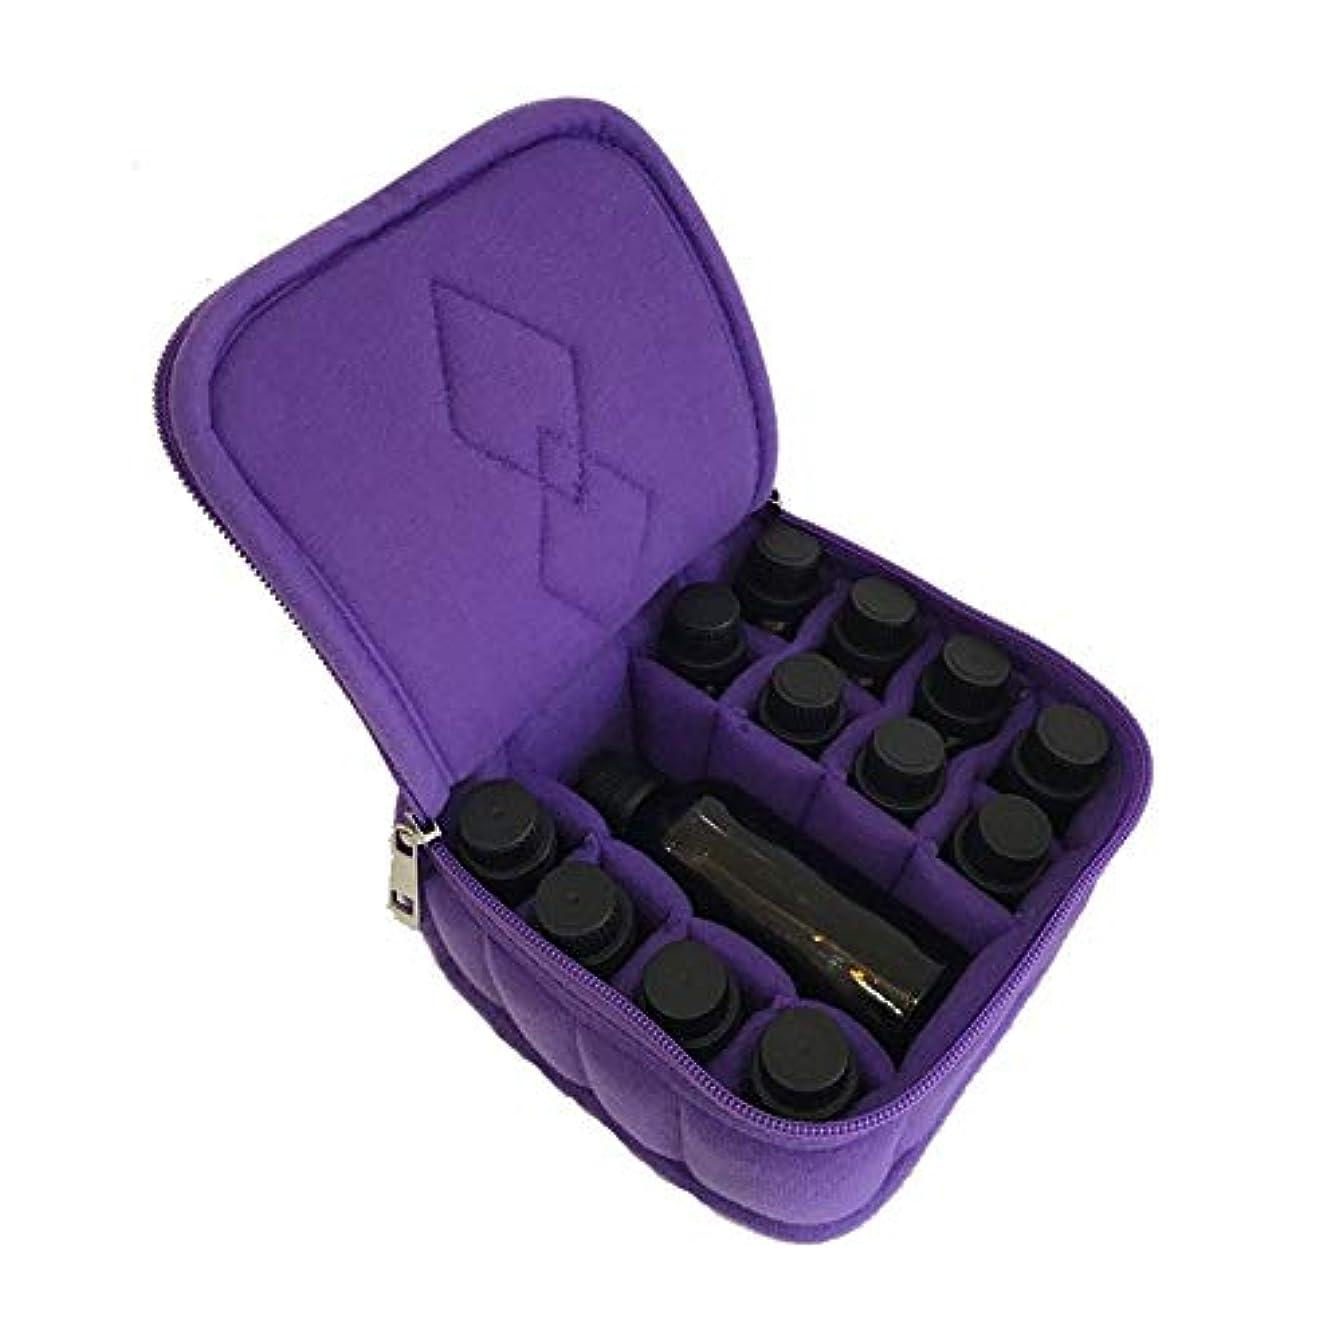 第二皮血精油ケース 主催は、保持ケースエクステリア収納ボックスキャリング12のスロットエッセンシャルオイル 携帯便利 (色 : 紫の, サイズ : 15X15X8CM)